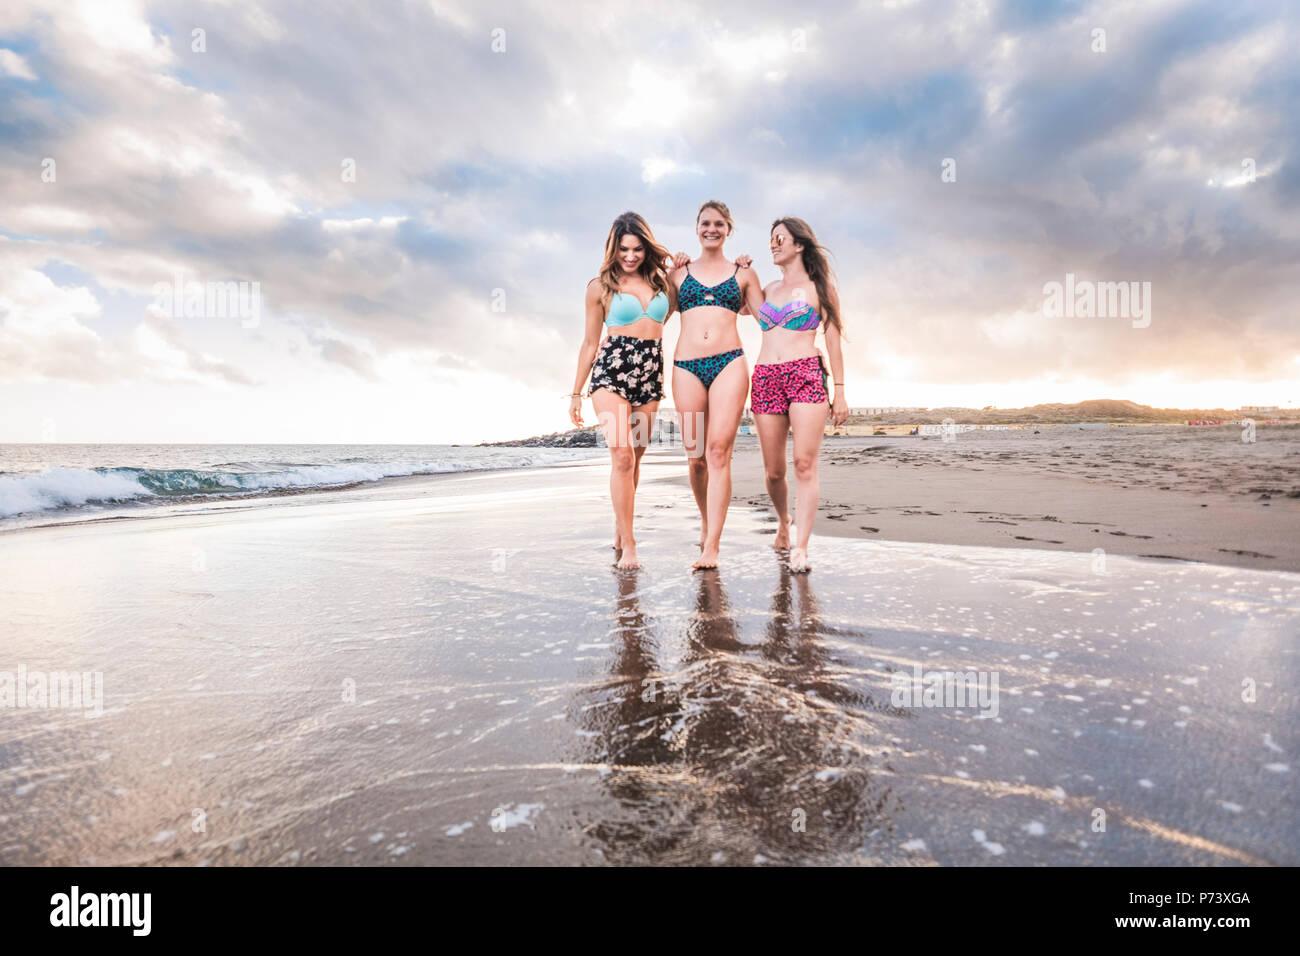 Trois belles jeunes femmes gaies chers balades dans l'amitié et d'avoir un temps agréable ensemble. Locations et caucasienne aux personnes bénéficiant d'un bonheur. Photo Stock